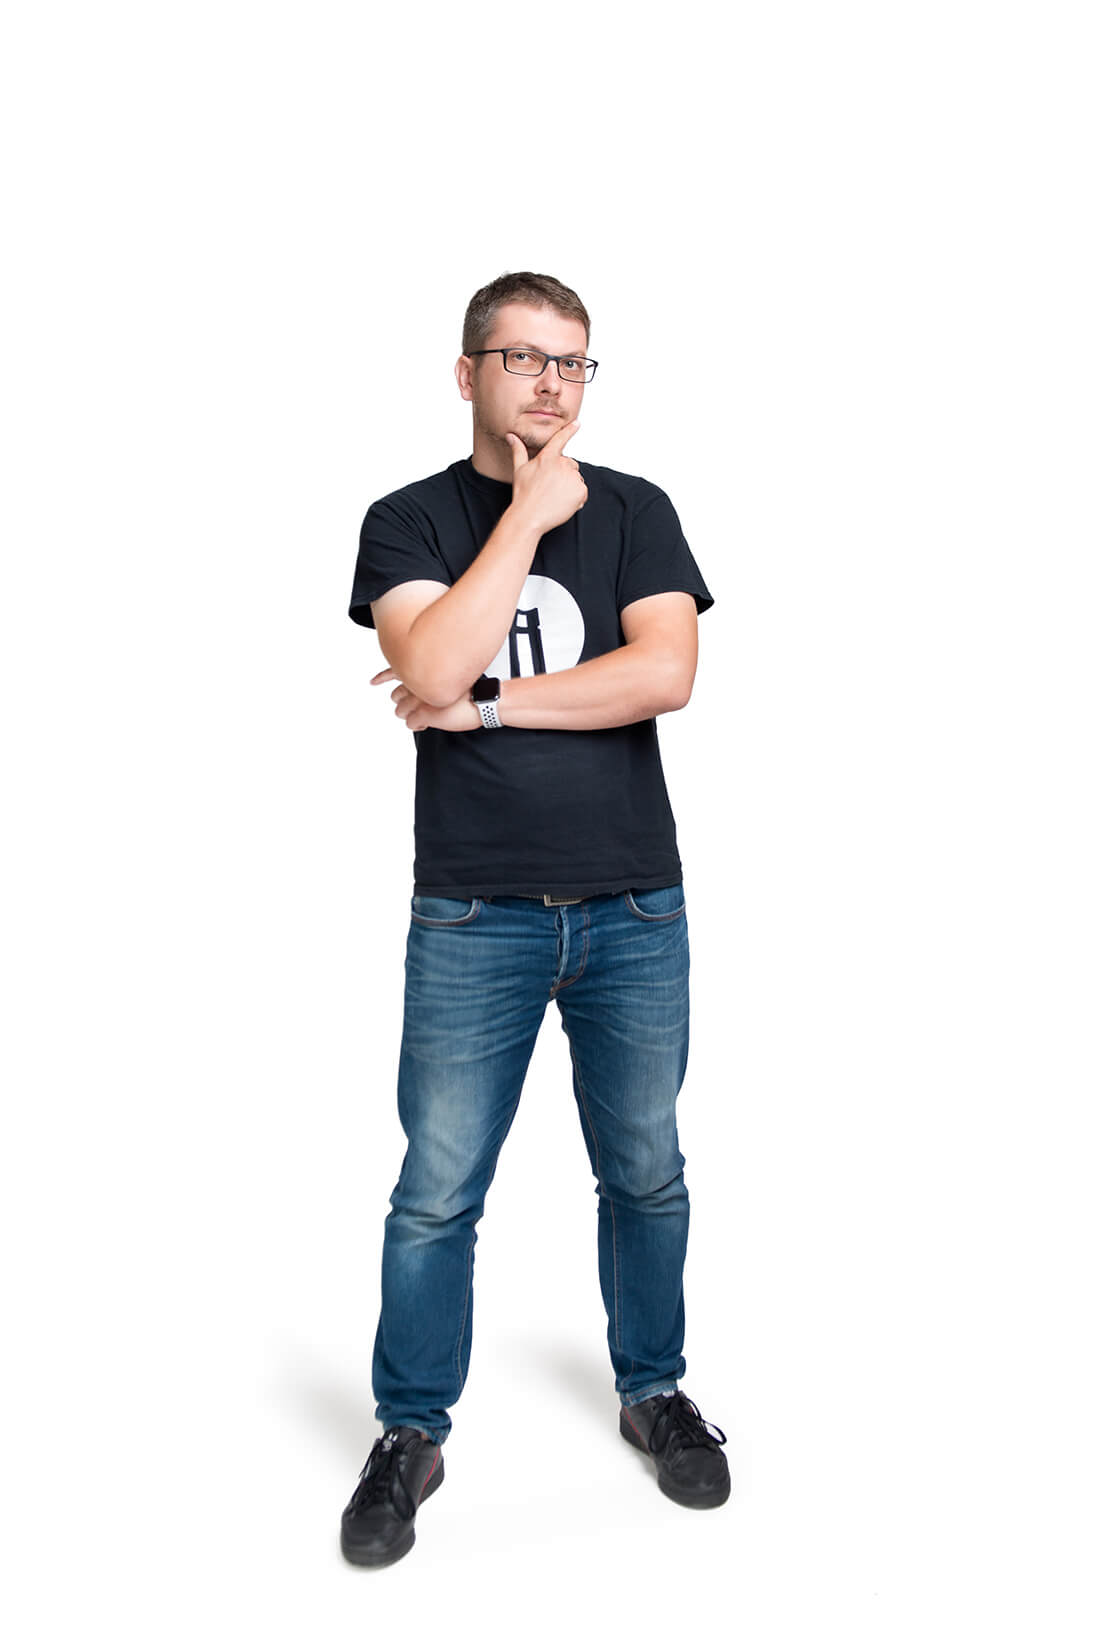 Jakub Fedyczak